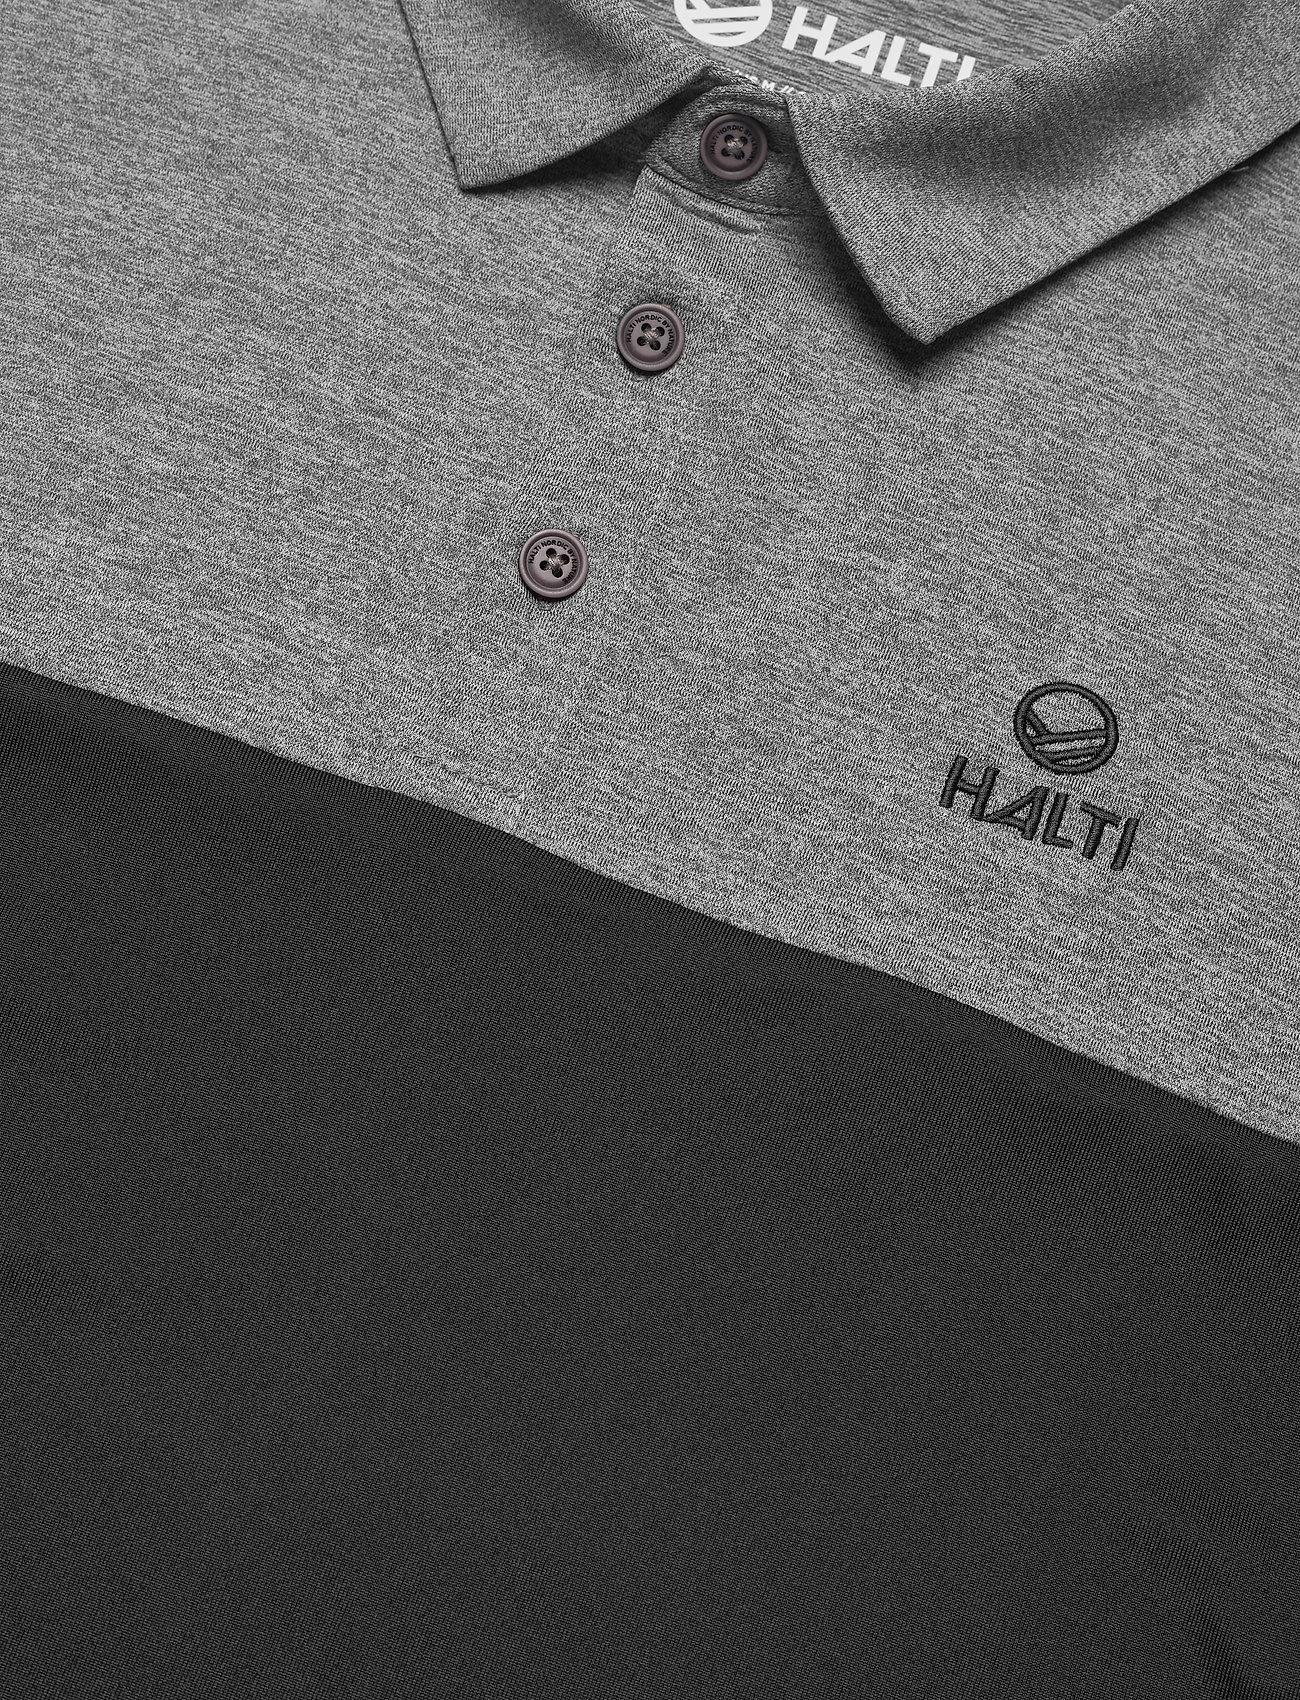 Halti Filip Men's Pique T-shirt - Pikéer Black